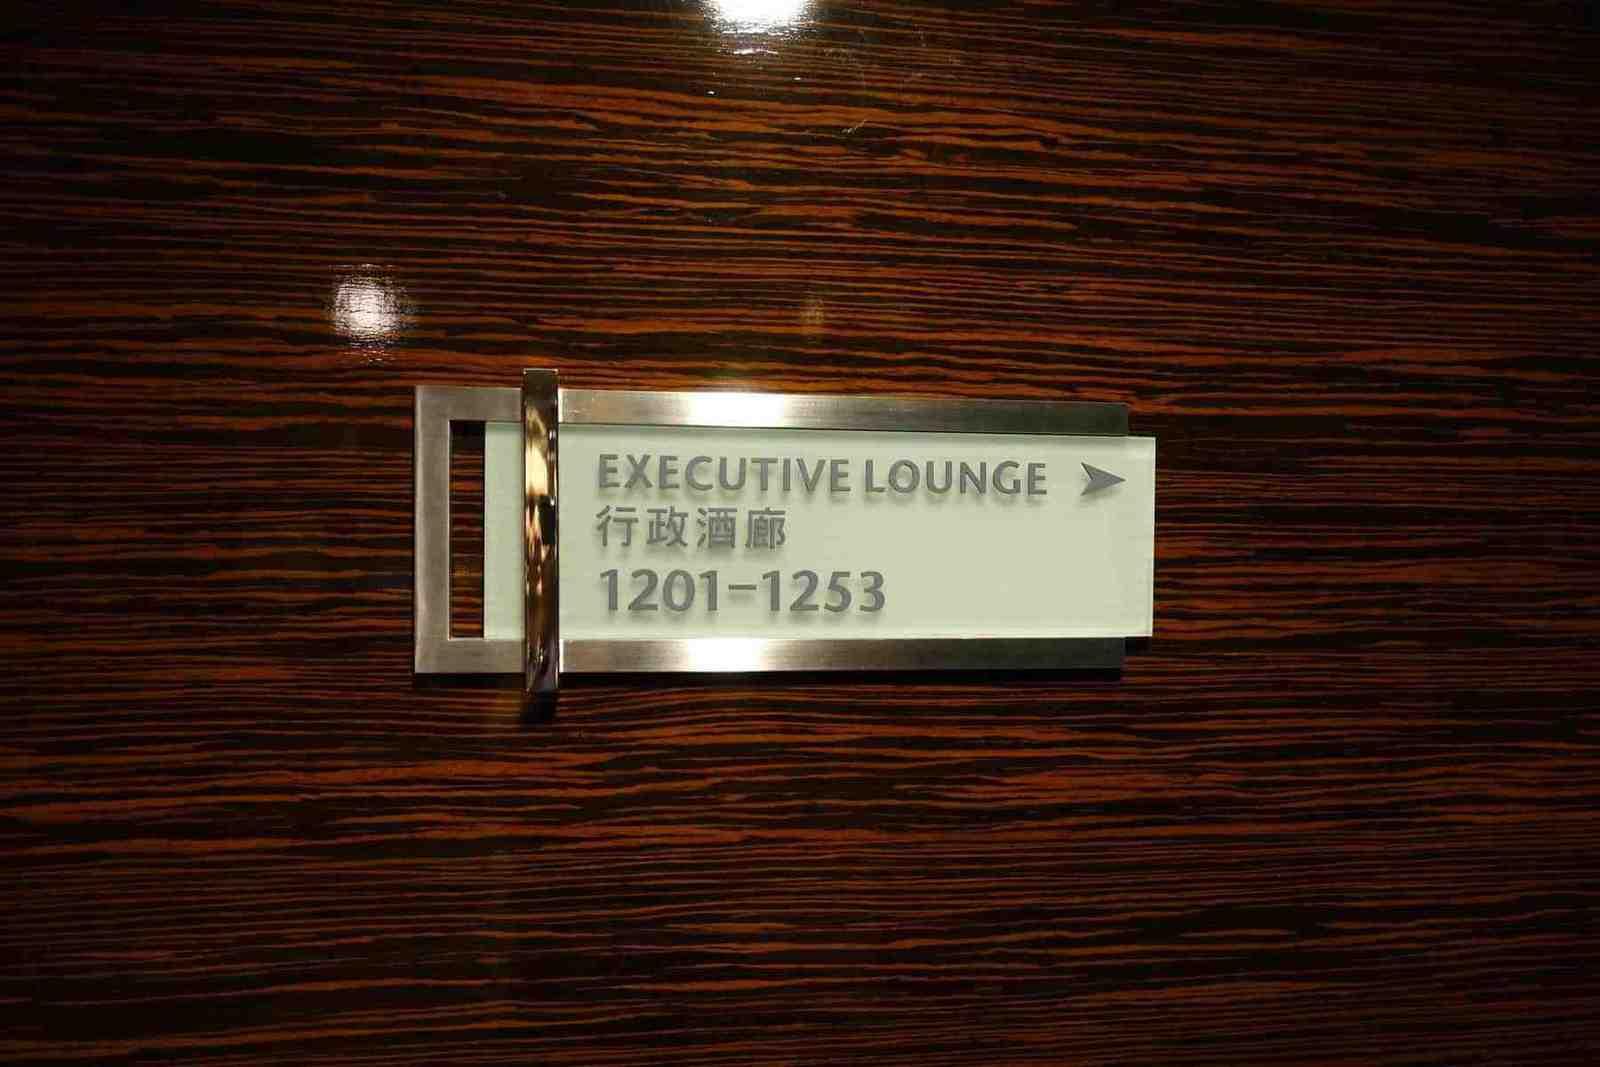 marriott hkg lounge 01